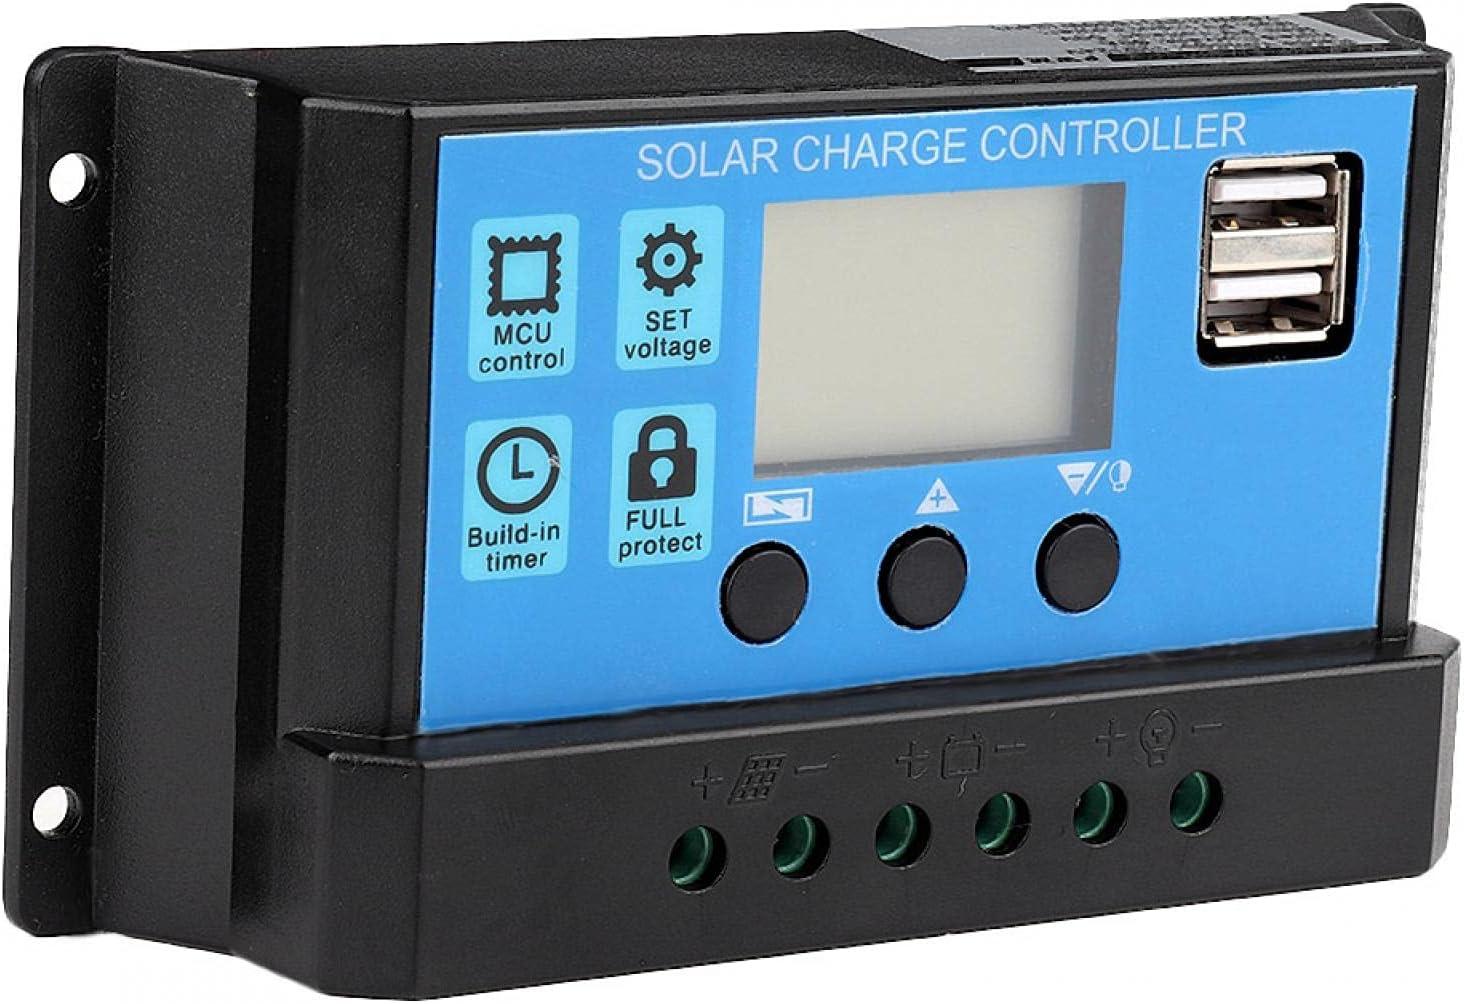 Controlador de carga solar, regulador inteligente de batería de panel solar 60A/50A/40A/30A/20A/10A 12V 24V Controlador de carga solar automático Controlador PWM(30A)